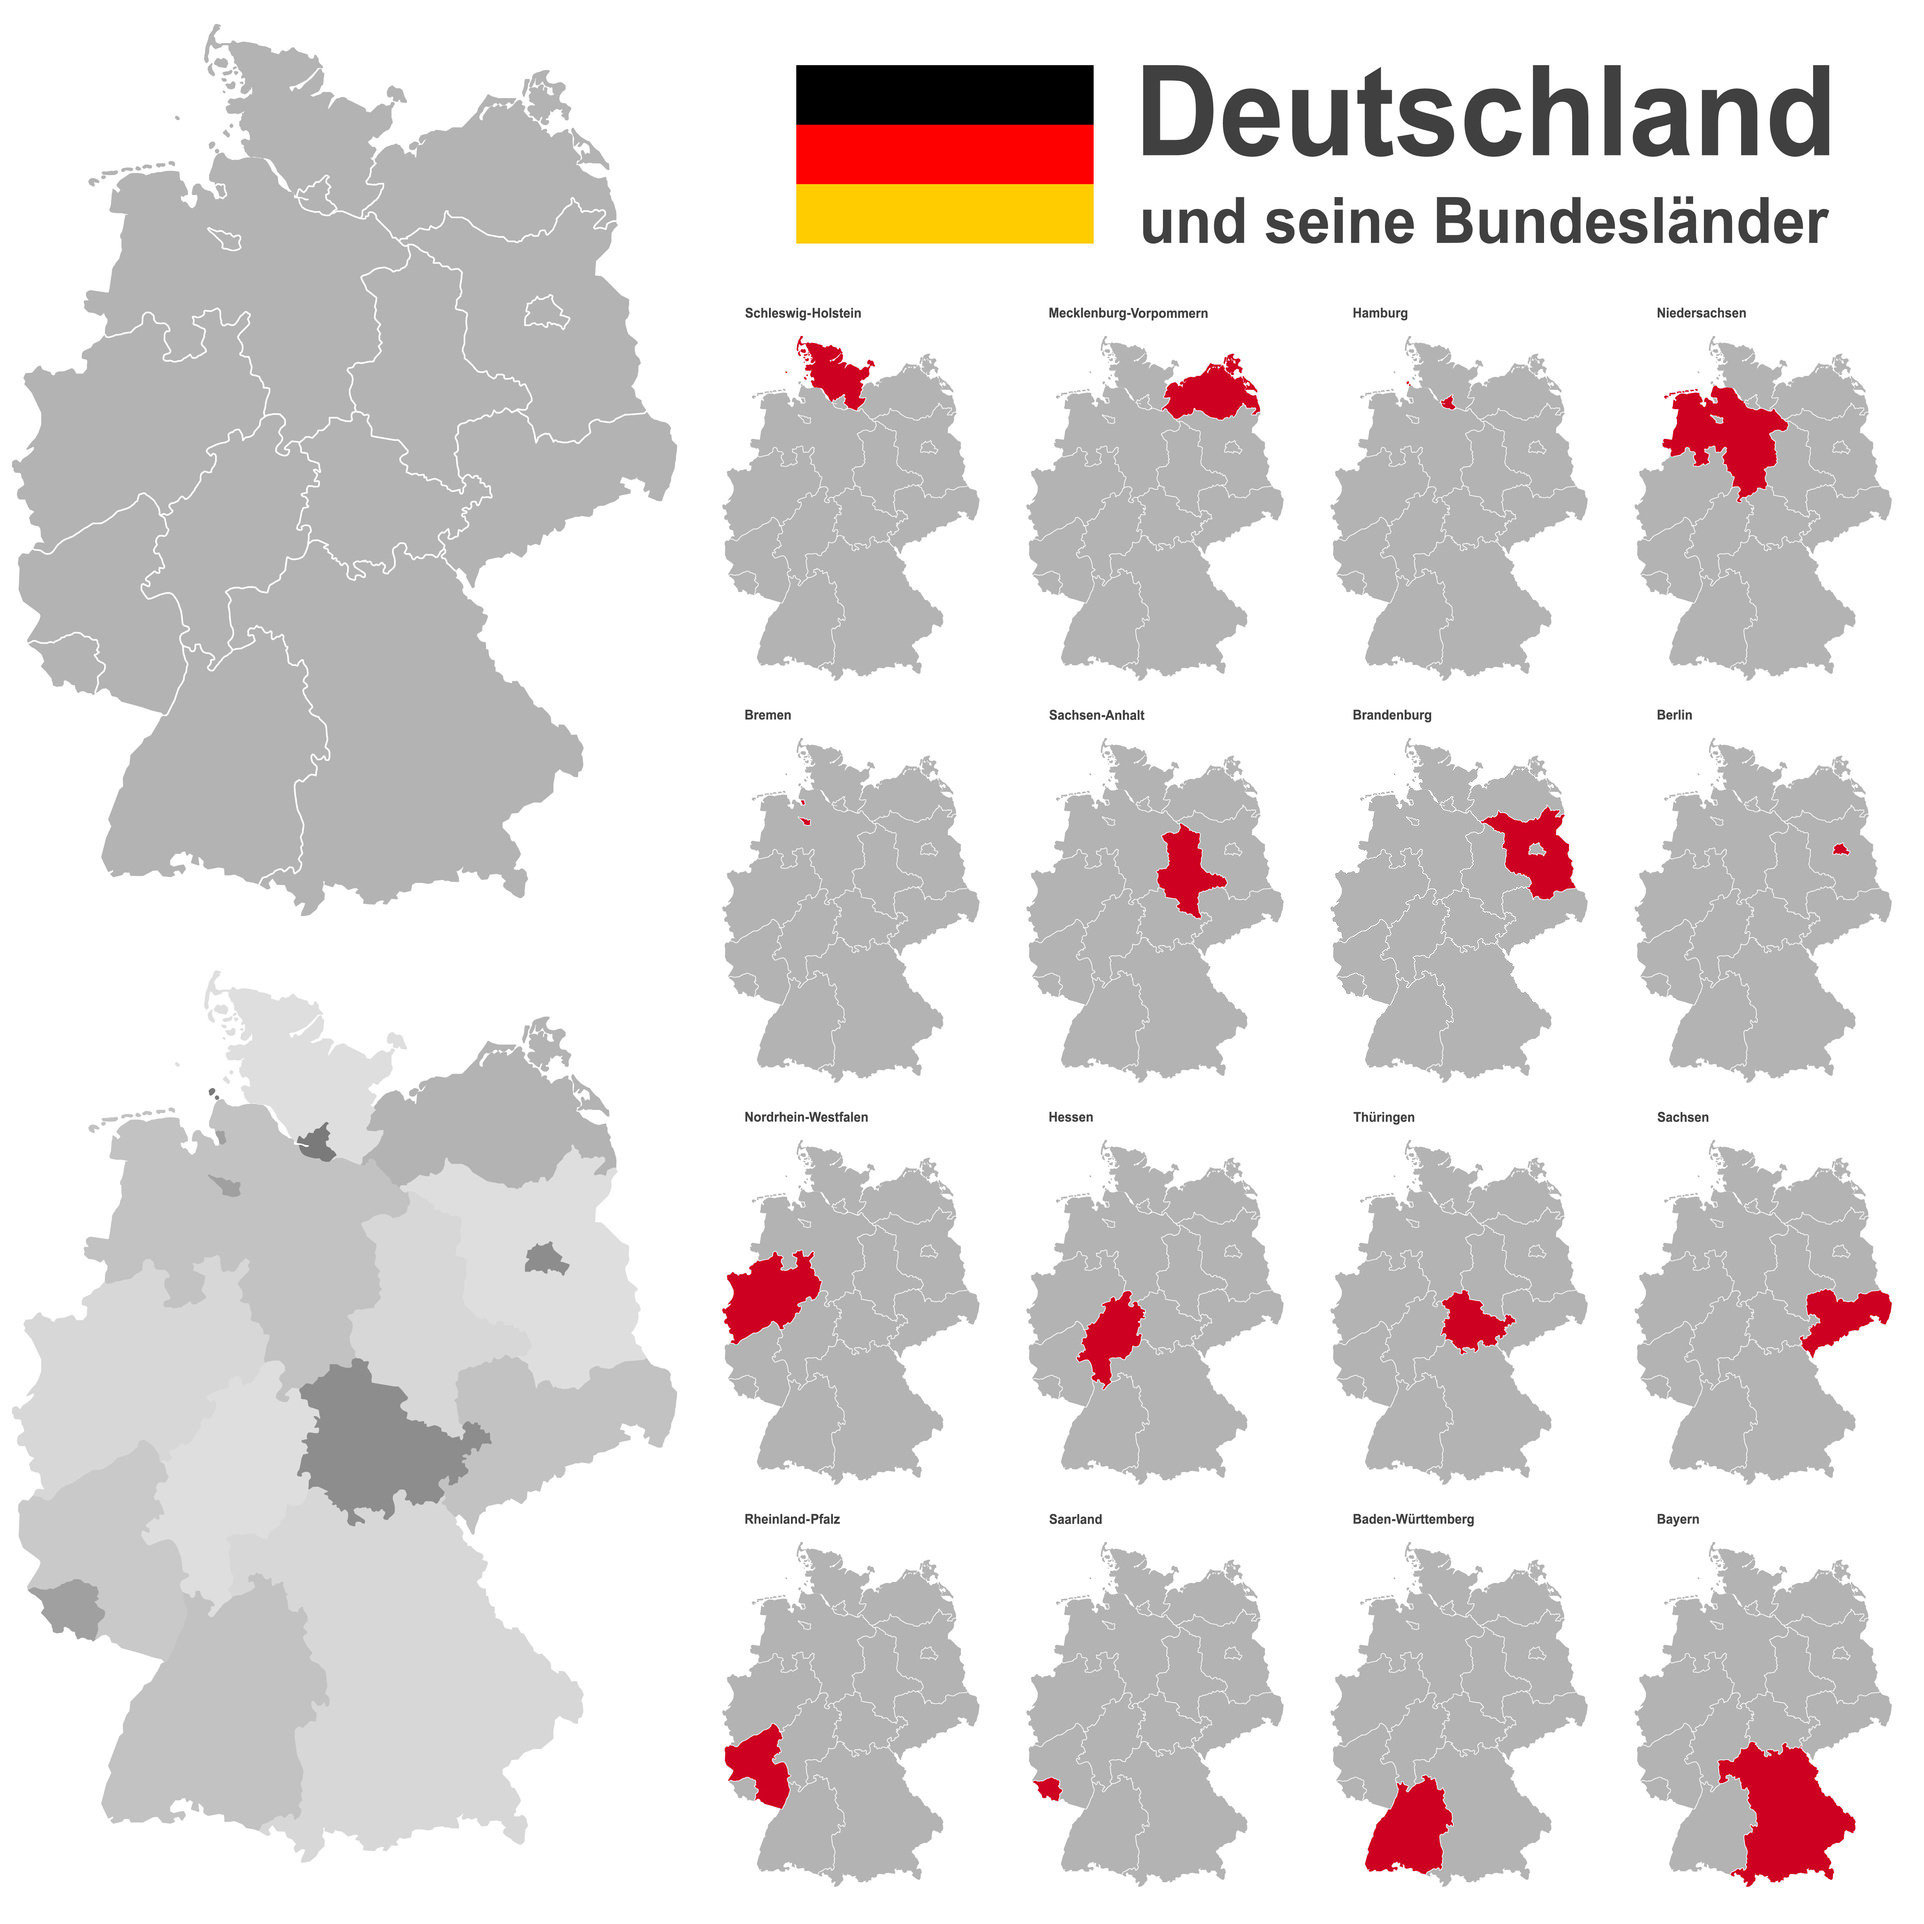 Wie Heißen Die 16 Bundesländer Von Deutschland Und Ihre für 16 Bundesländer Und Ihre Hauptstädte Test